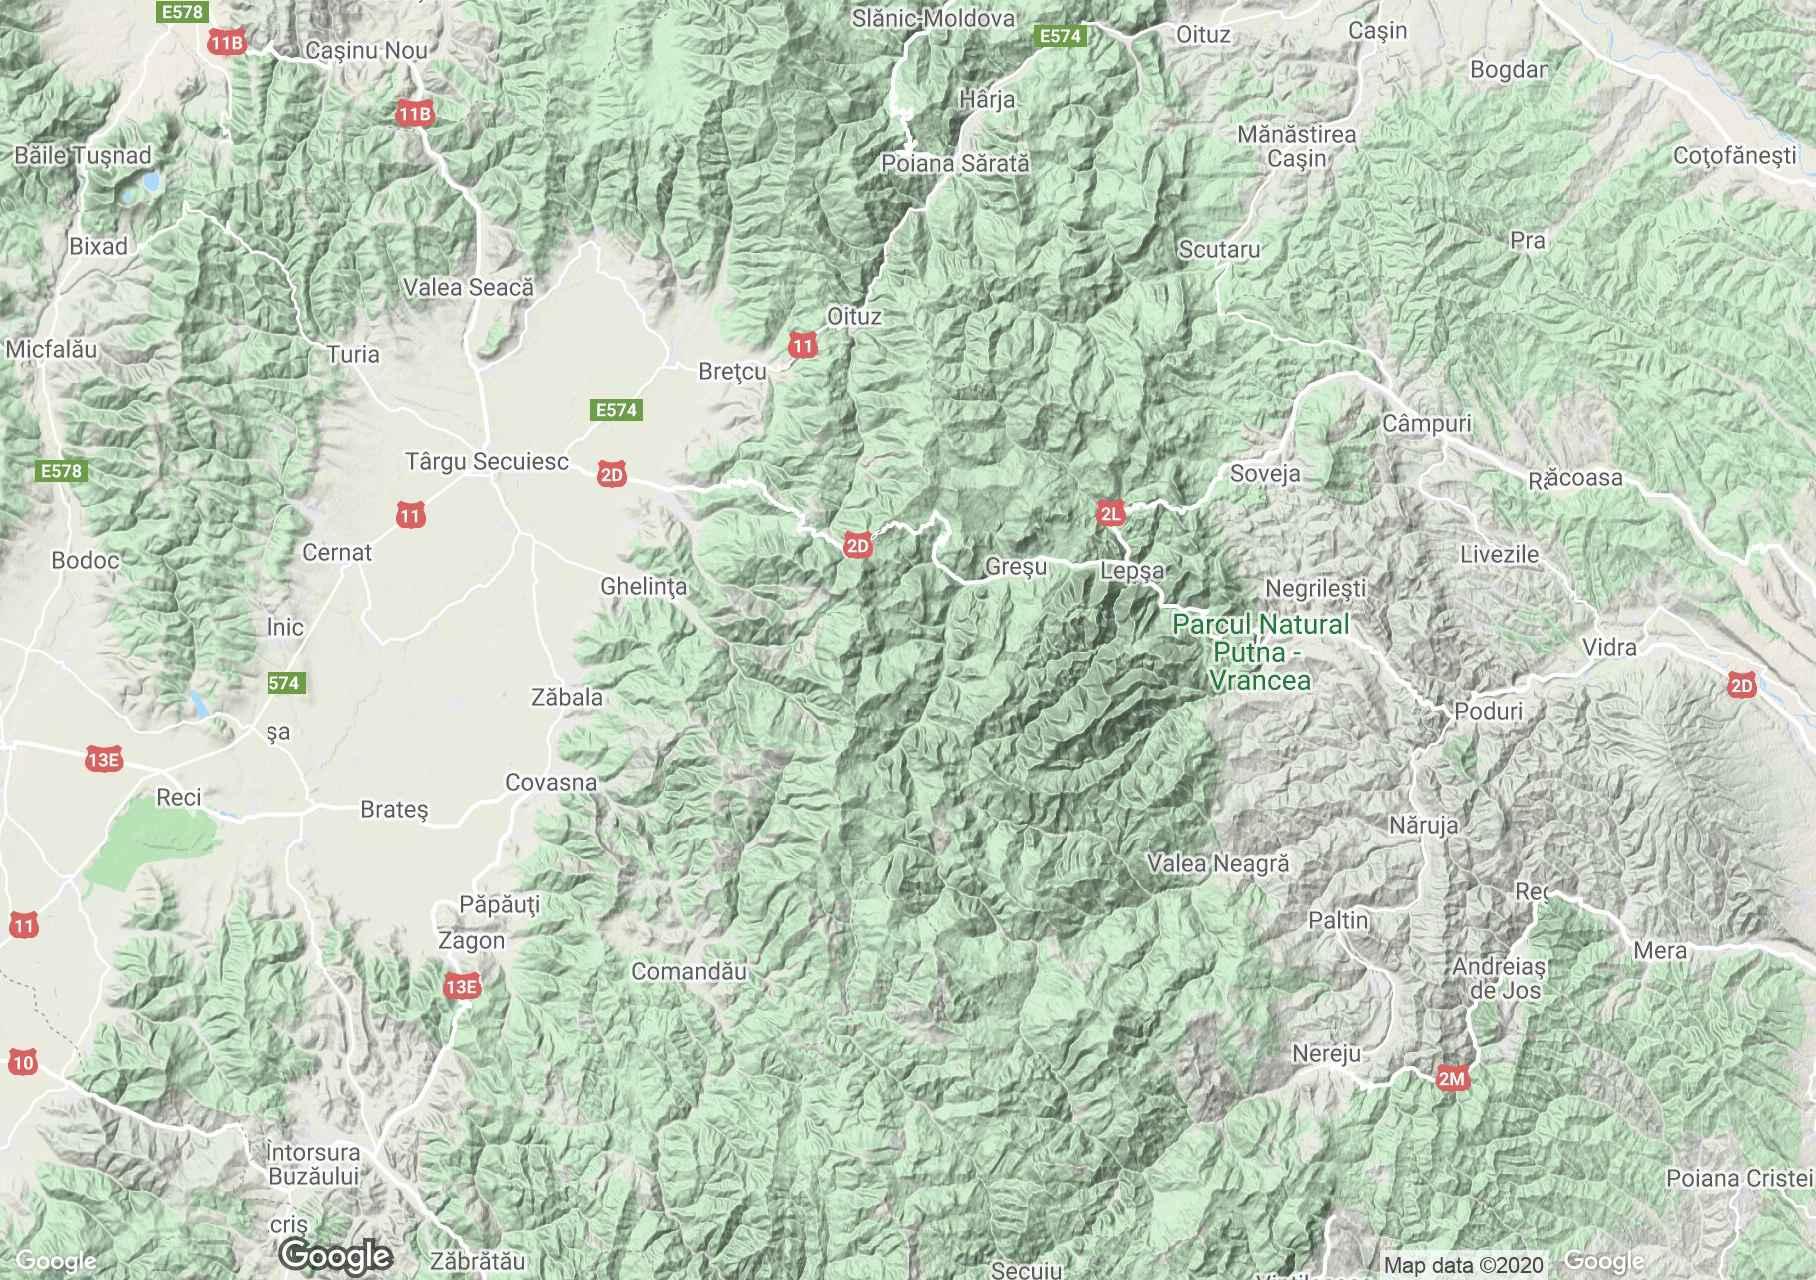 Munţii Vrancei, Harta turistică interactivă